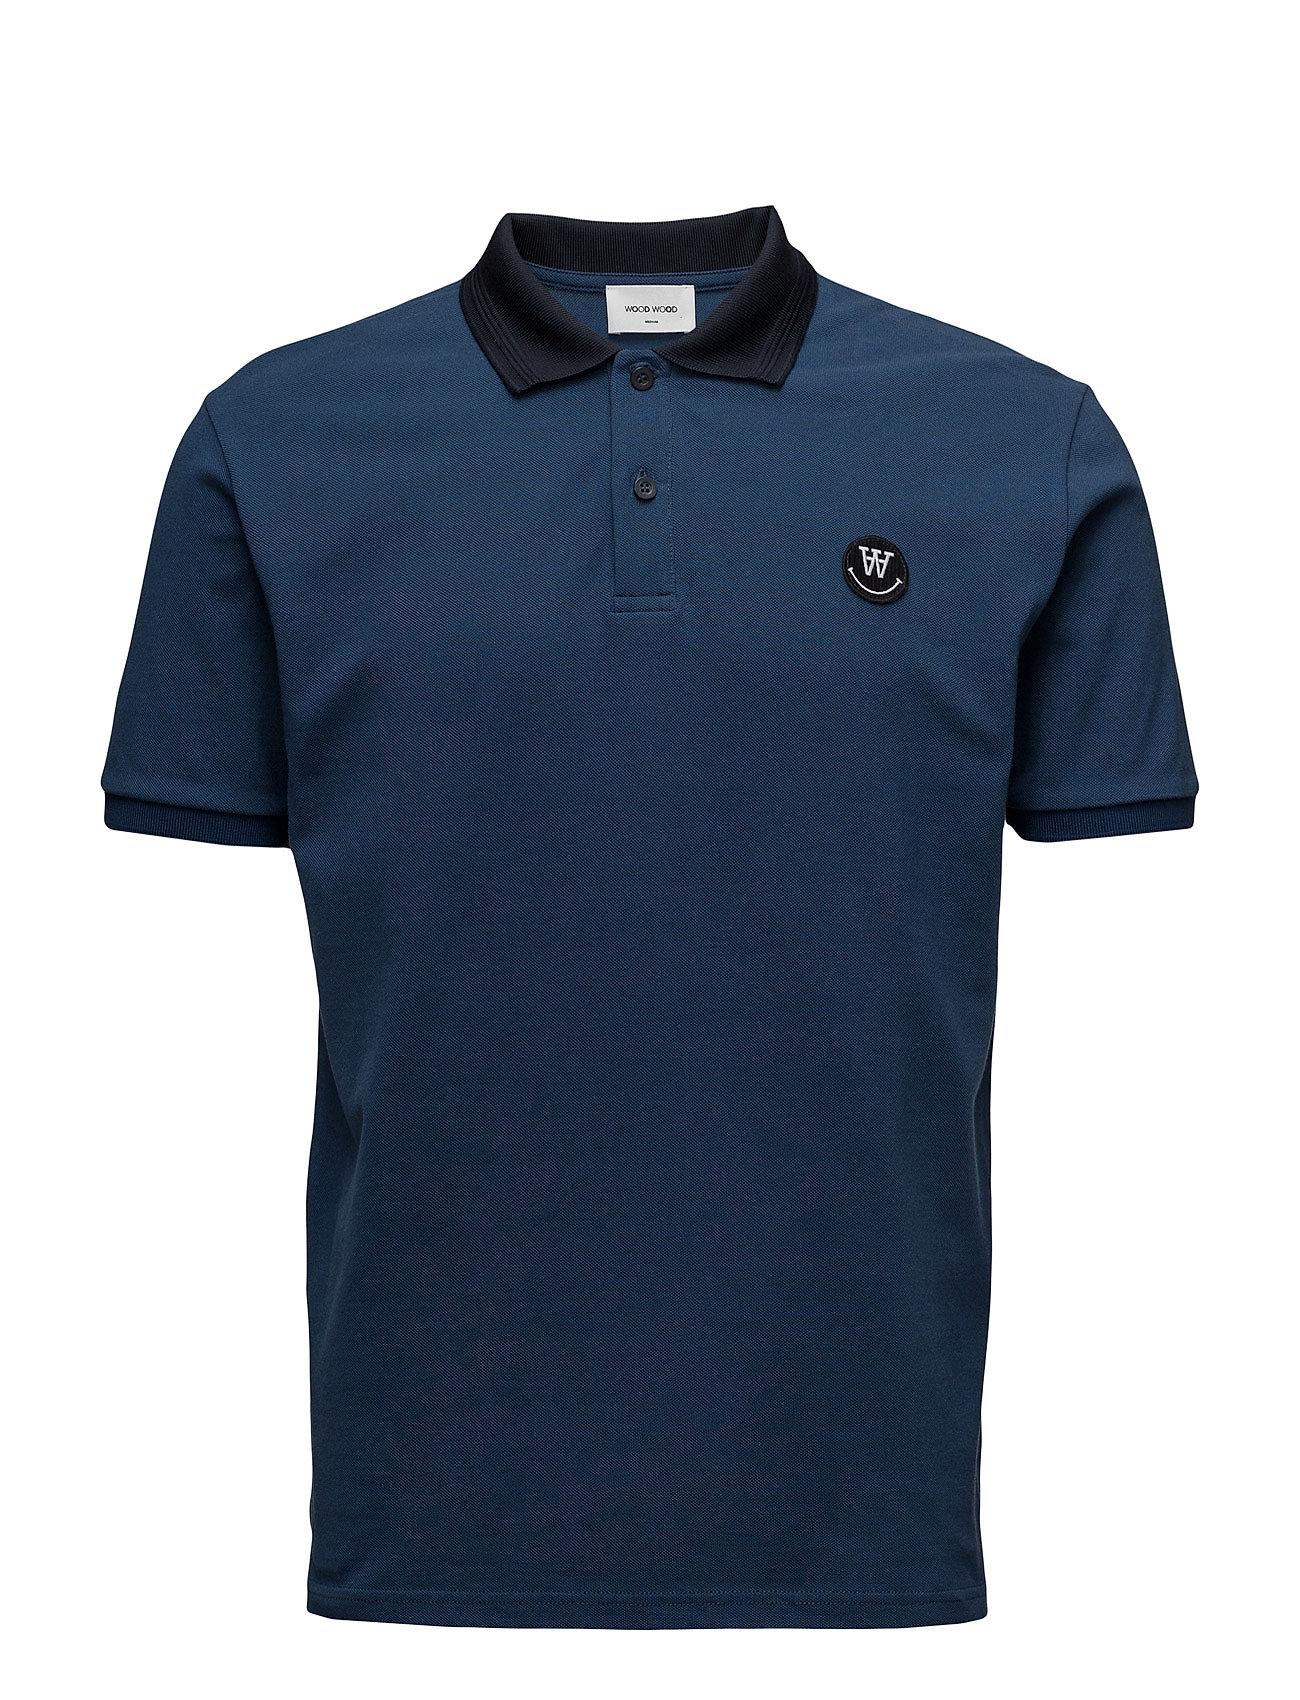 Brian Polo Wood Wood Kortærmede polo t-shirts til Herrer i